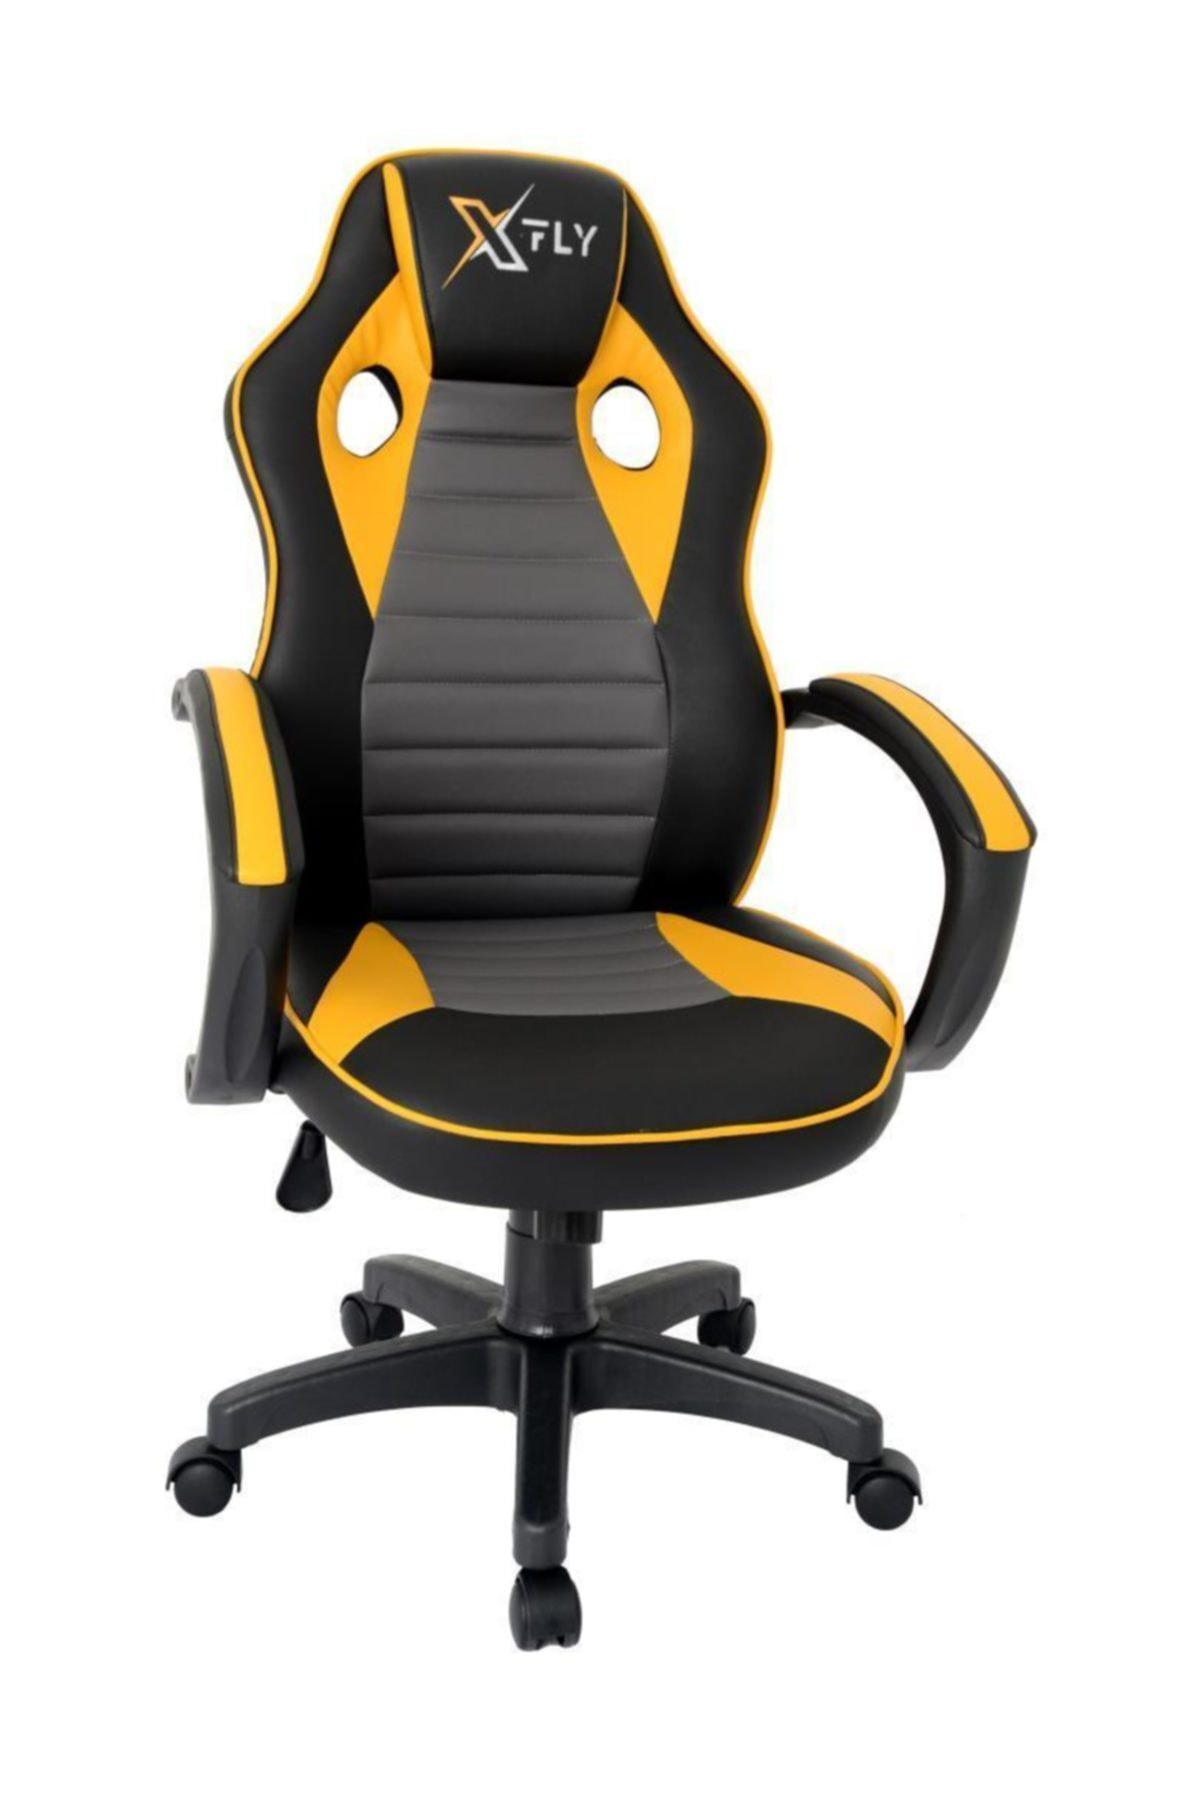 XFly Oyuncu Koltuğu-Sarı 1511C0492